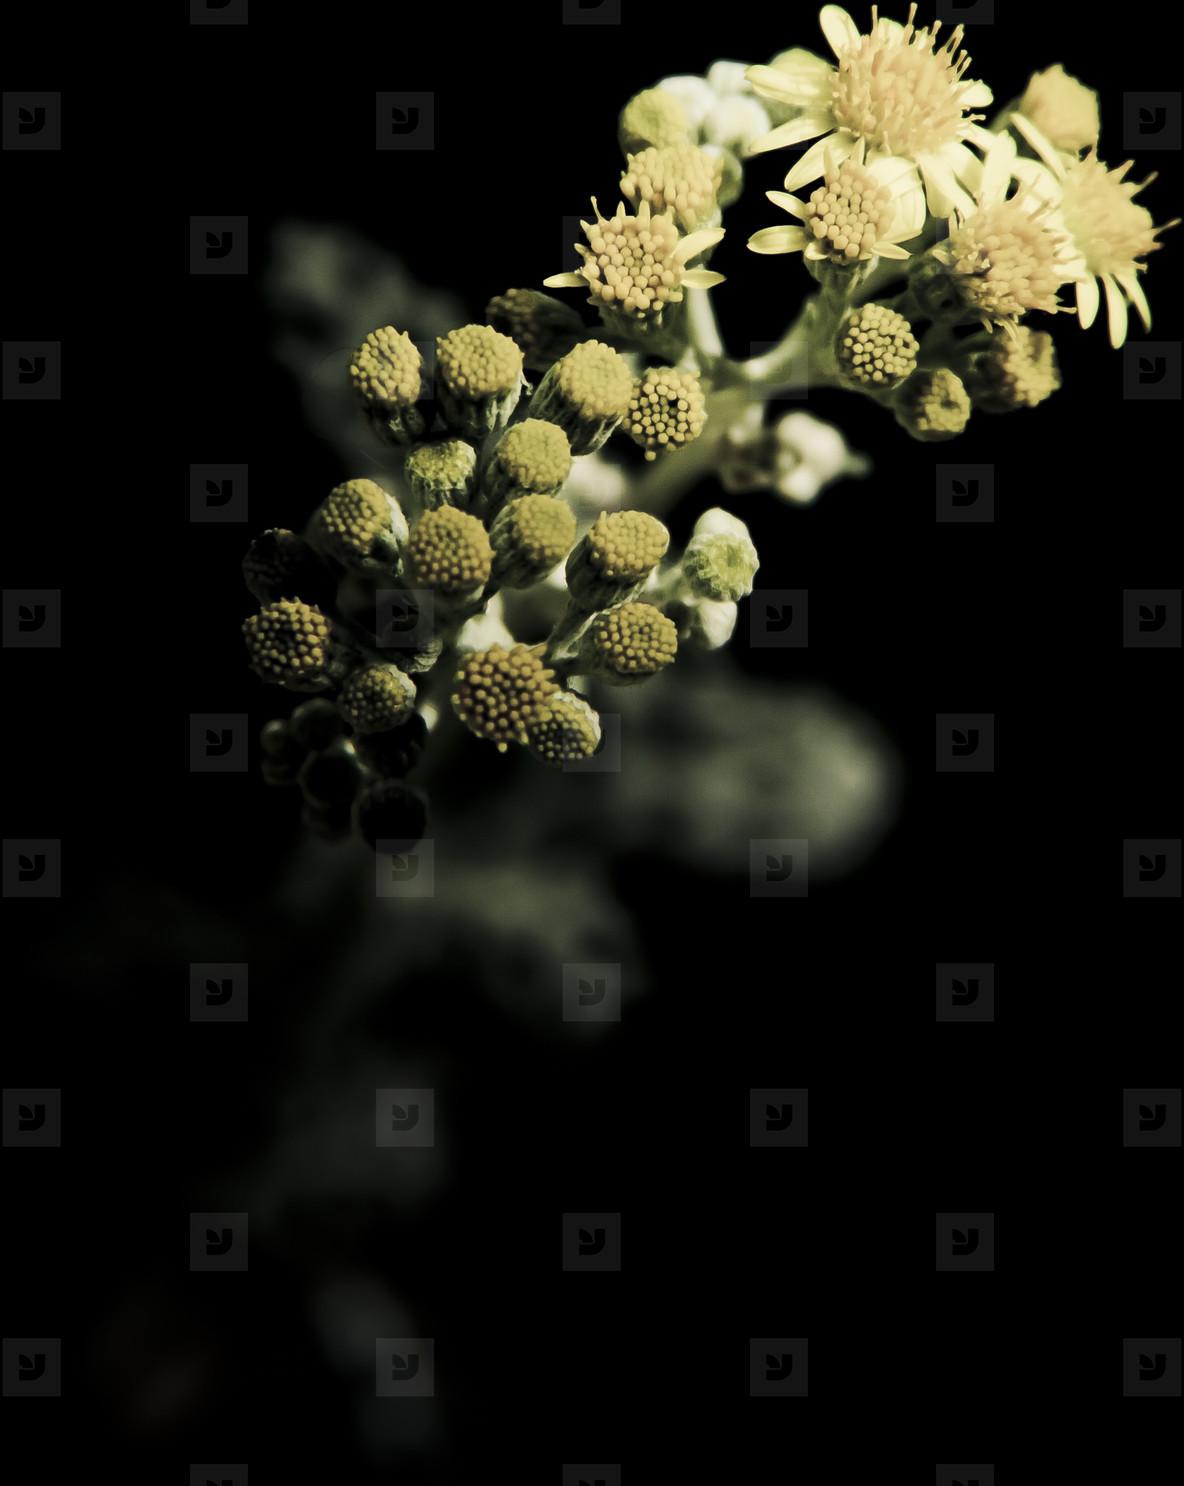 Botanical 007